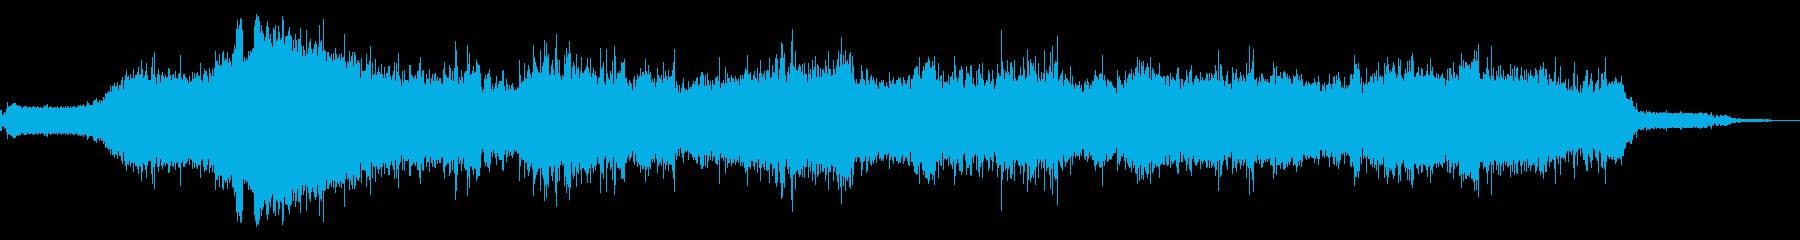 Int:開始、アイドル、中速でのド...の再生済みの波形